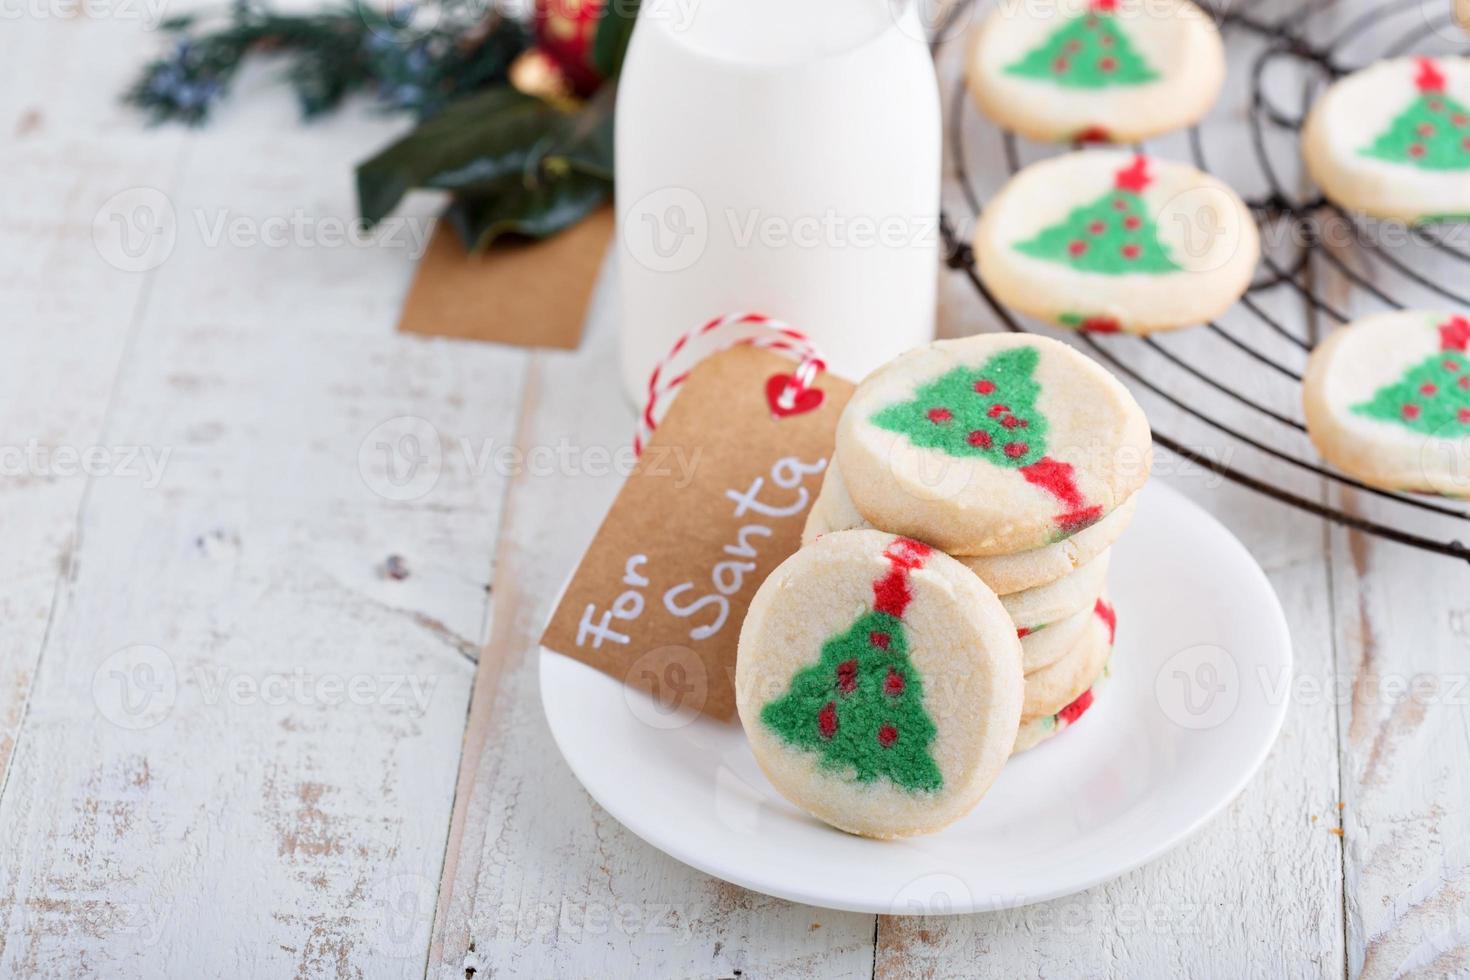 galletas de árbol de navidad con leche foto